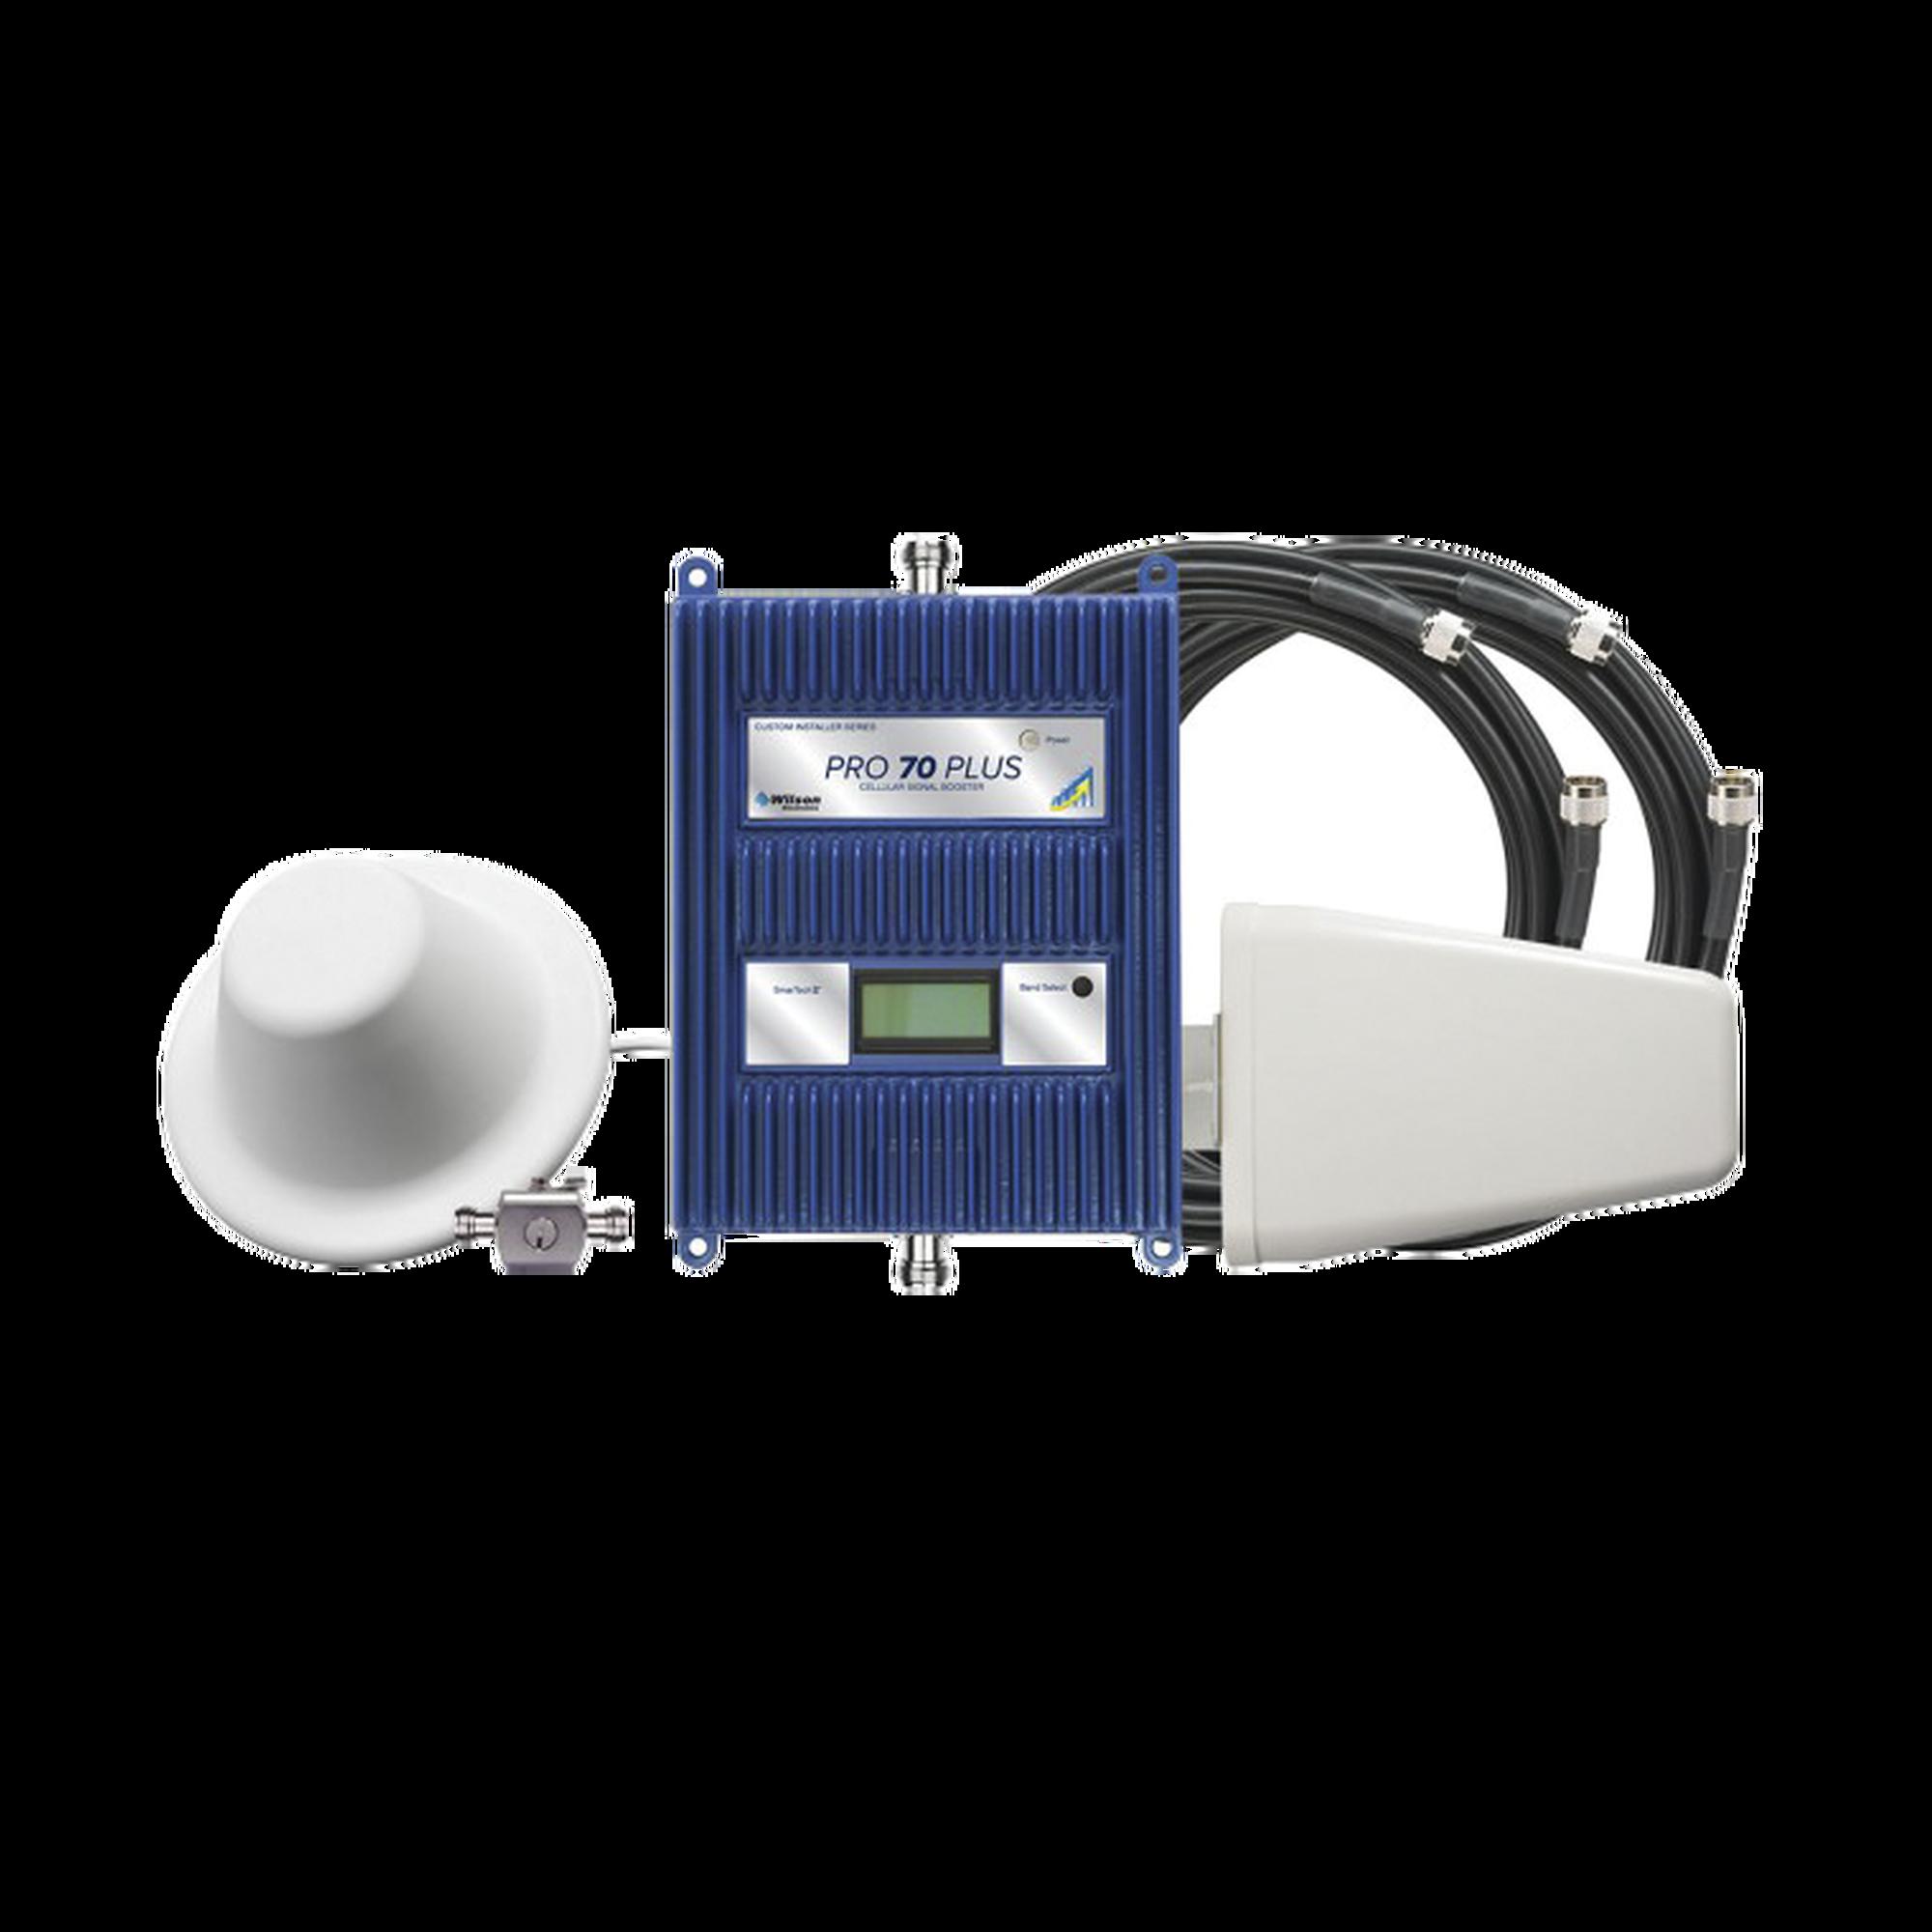 KIT Amplificador de señal celular 4G LTE, 3G y VOZ. Especial para cubrir áreas de hasta 5000 Metros Cuadrados por ser de grado comercial e industrial.  Soporta múltiples operadores, tecnologías y usuarios.